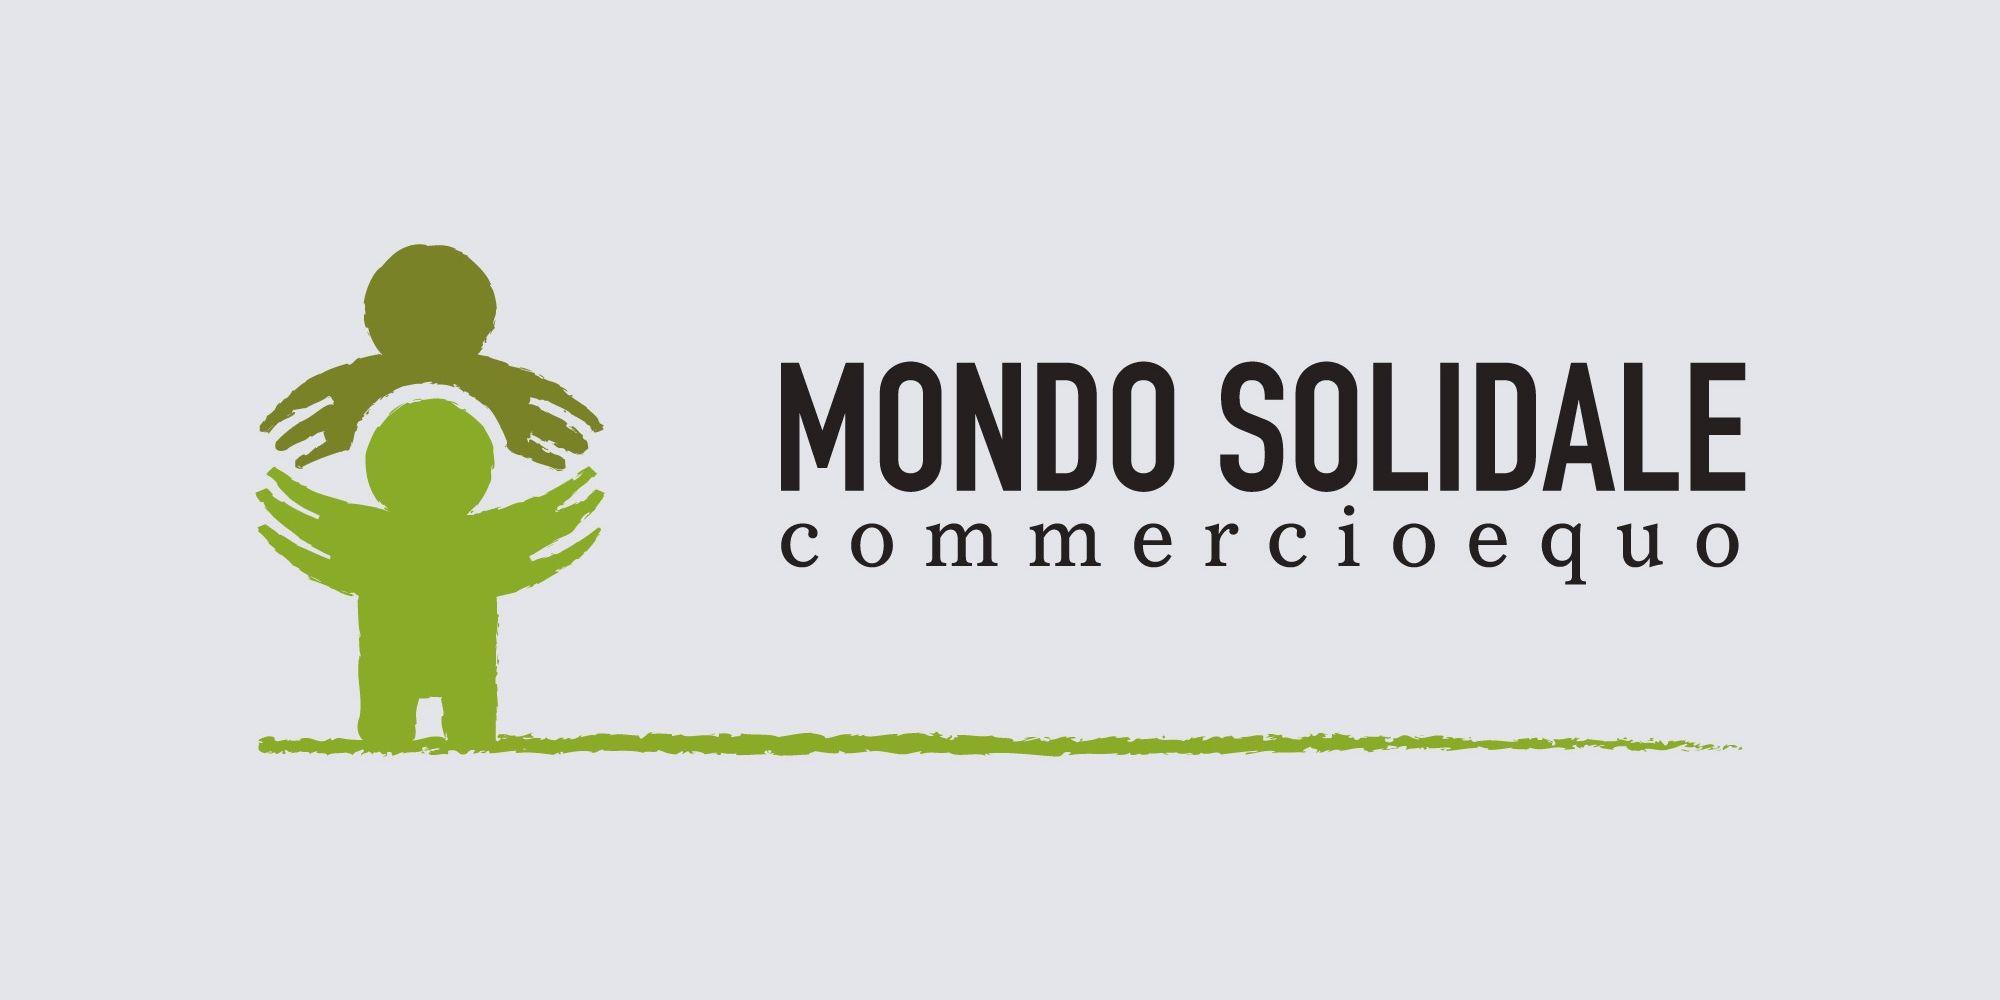 Fair trade e solidarietà - Il website di Mondo solidale